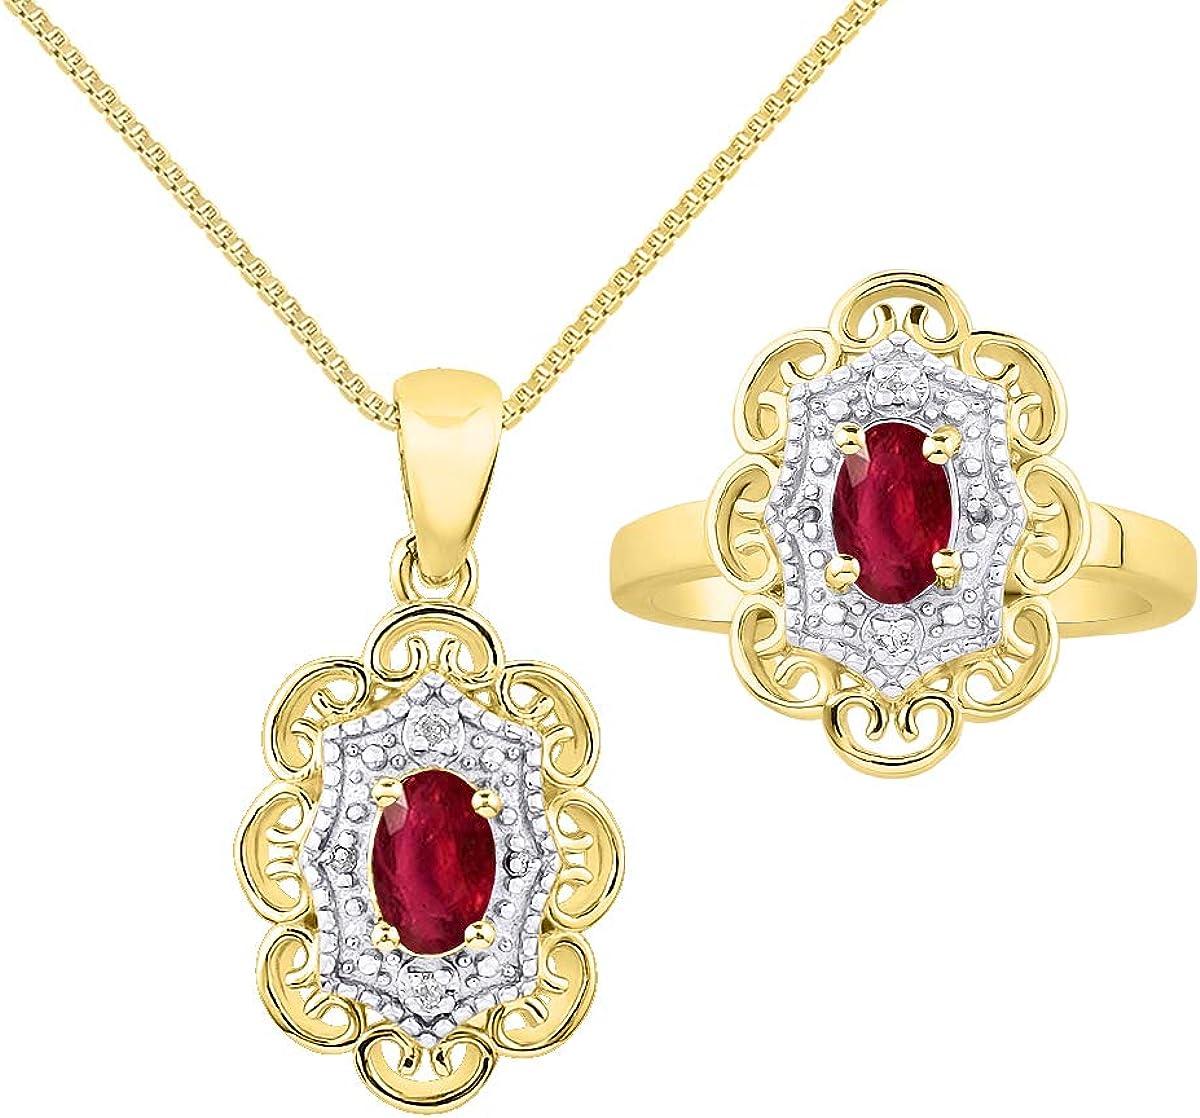 RYLOS - Collar con colgante de halo con patrón floral y anillo a juego, gema ovalada preciosa y diamantes brillantes auténticos de oro amarillo de 14 quilates, 6 x 4 mm, esmeralda, rubí y zafiro